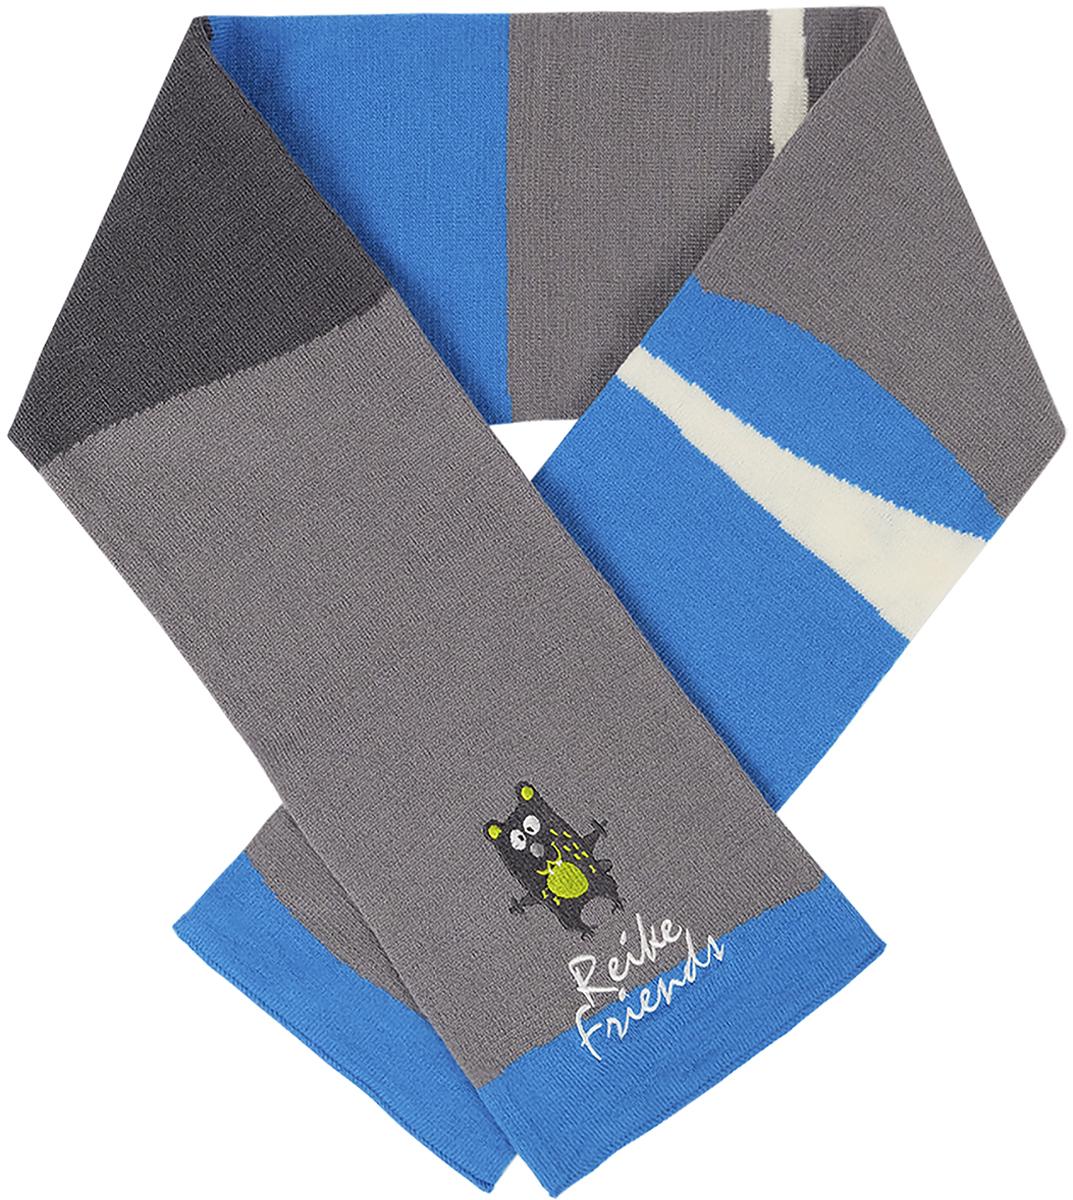 Шарф для мальчиков Reike, цвет: синий. RSC1718_FFF blue. Размер универсальныйRSC1718_FFF blue